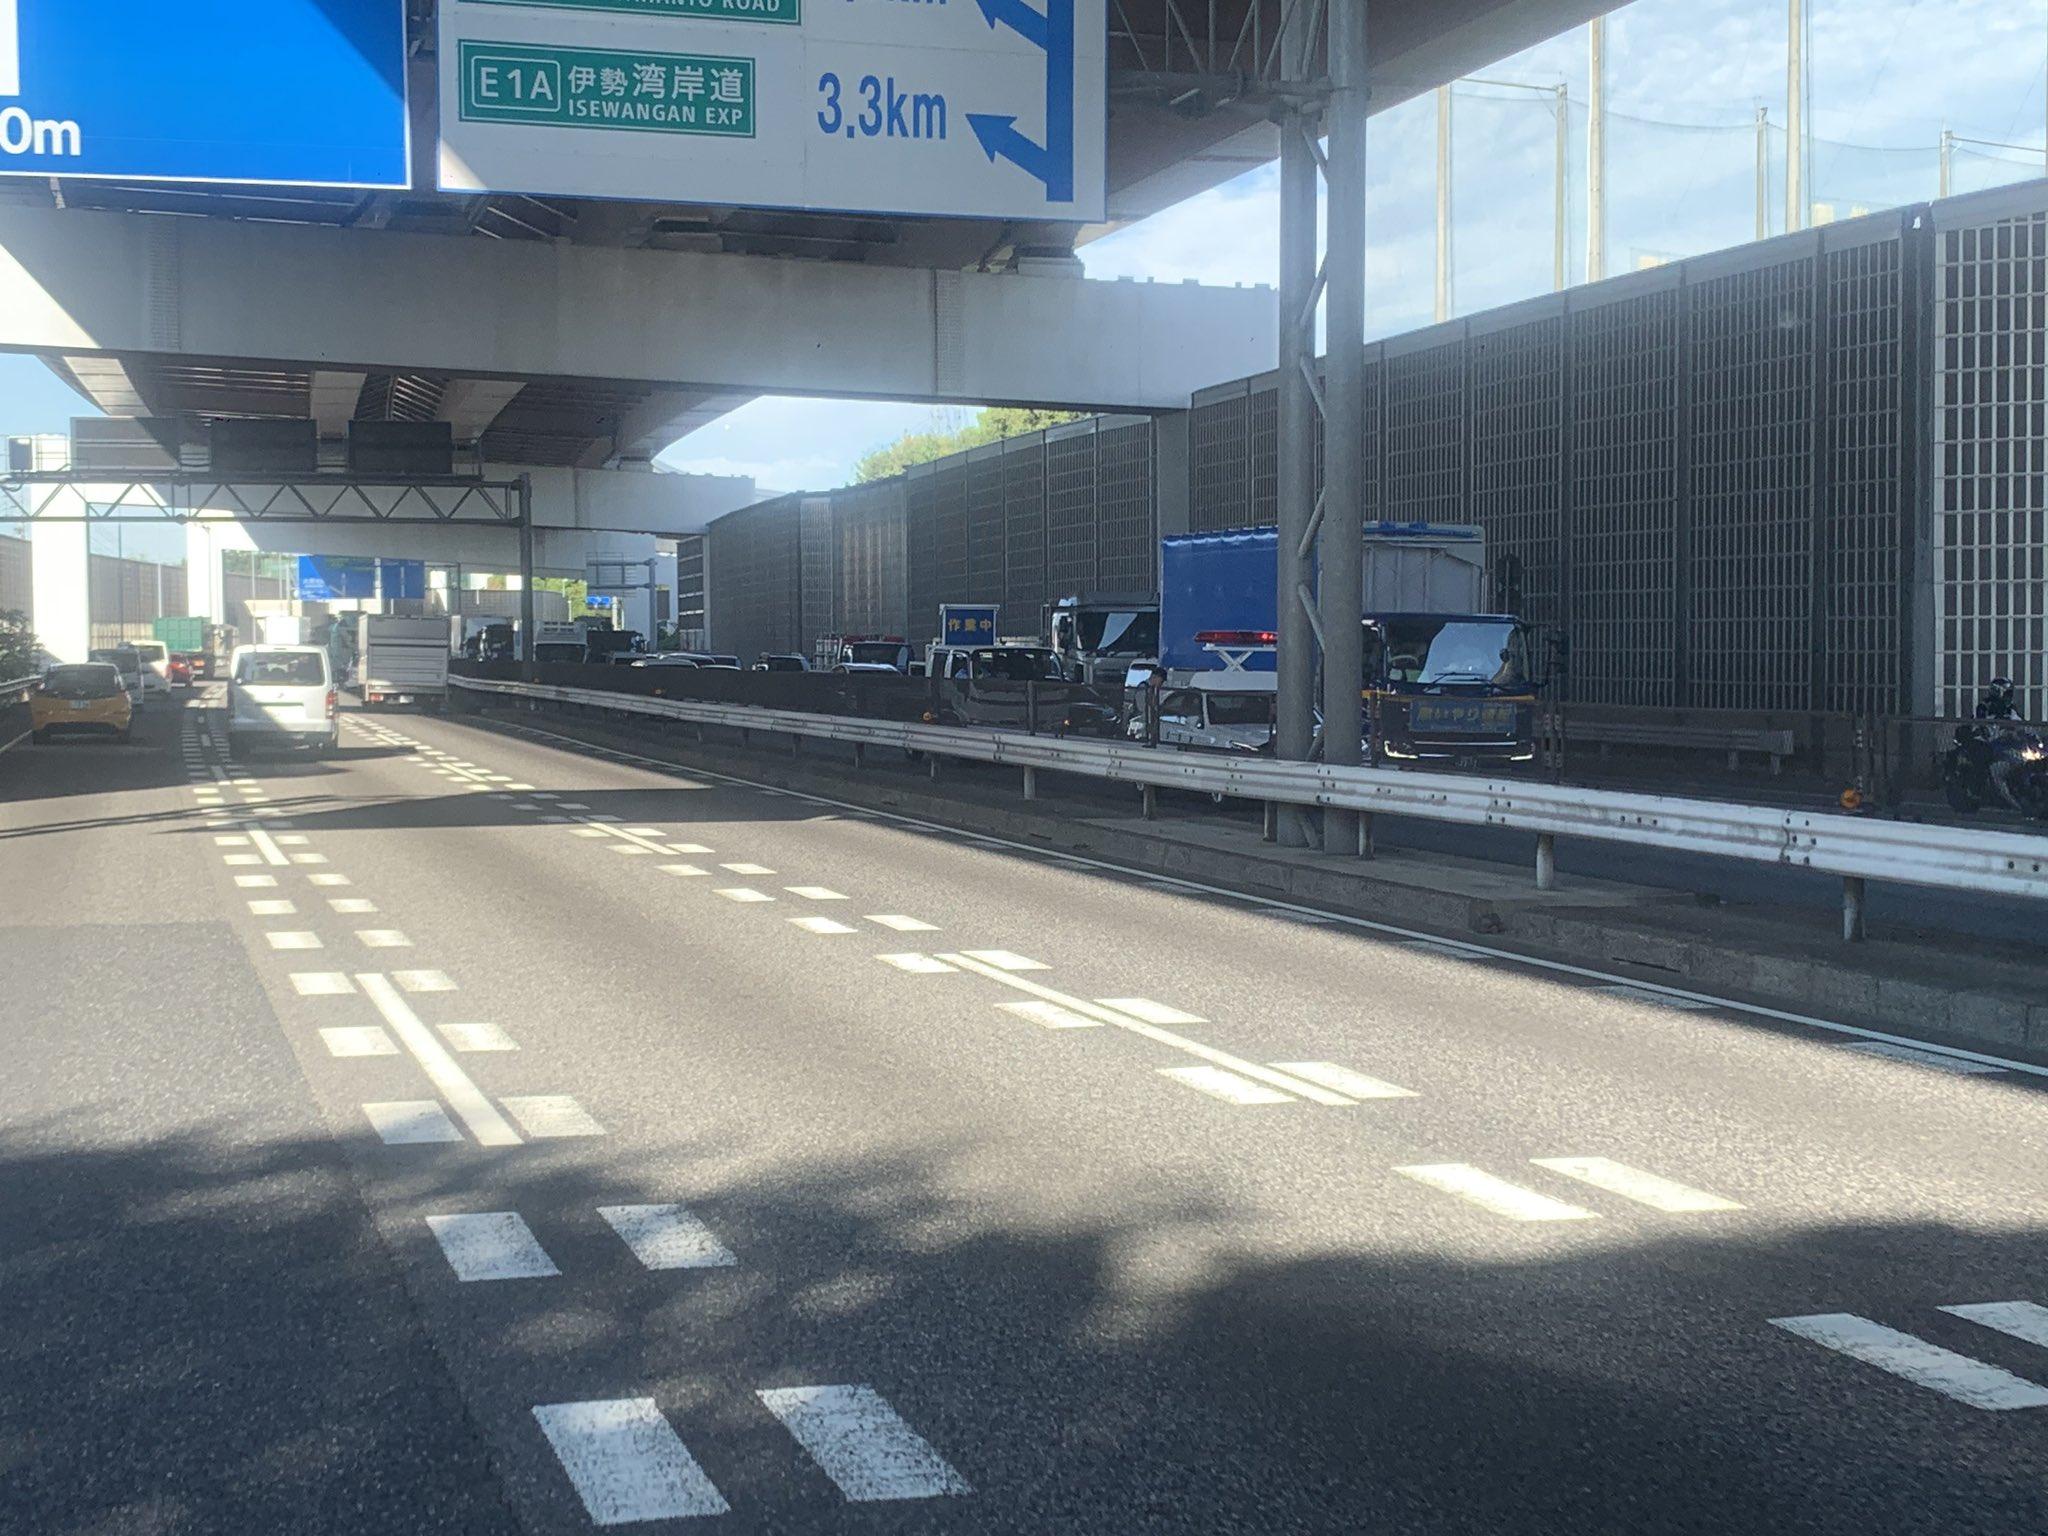 画像,23号 北崎インター付近通行止めになっとる。 https://t.co/v86YrAaUf2。